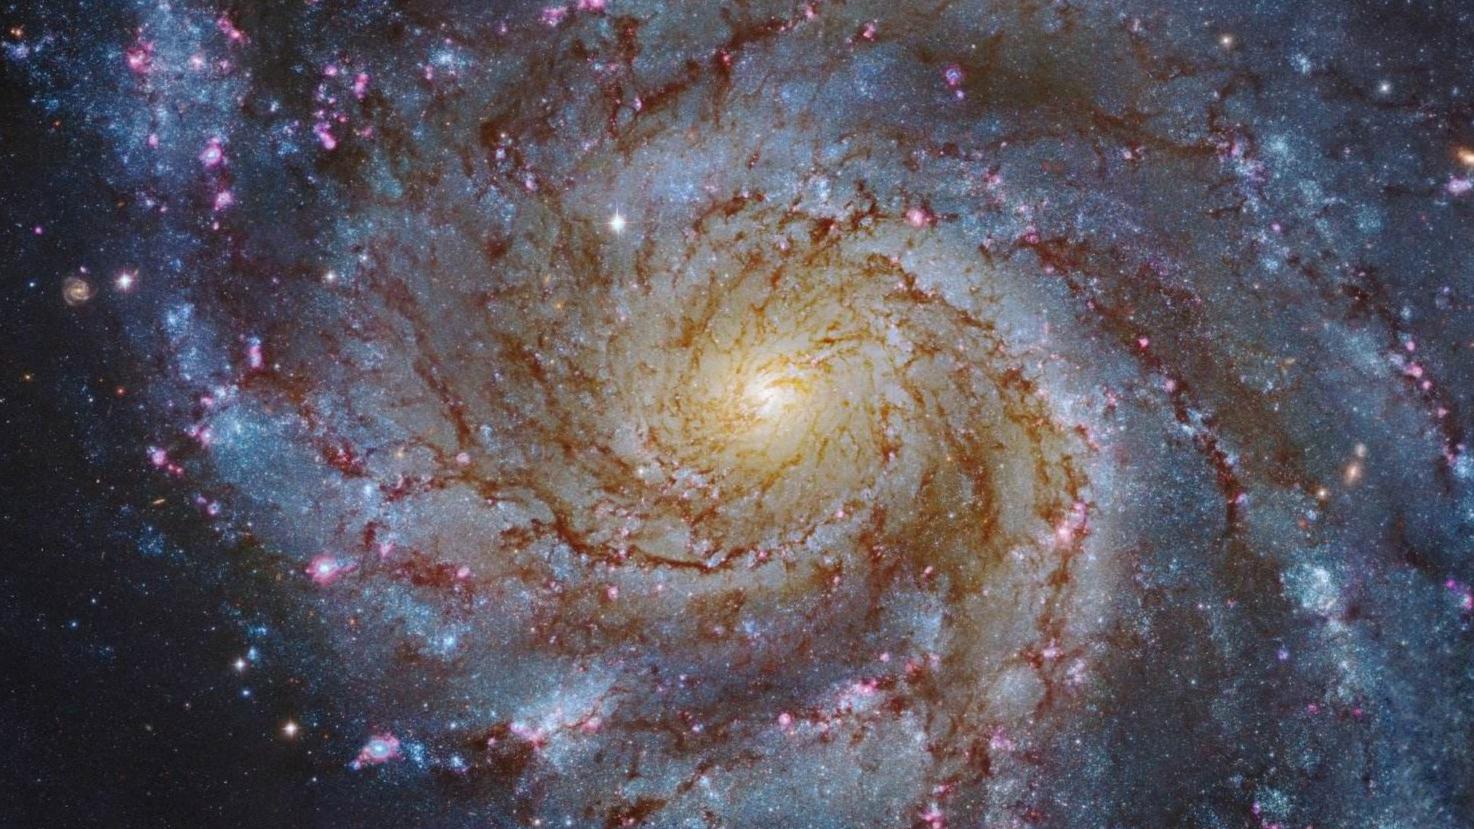 宇宙究竟有多大?我们是如何测量宇宙中的距离?